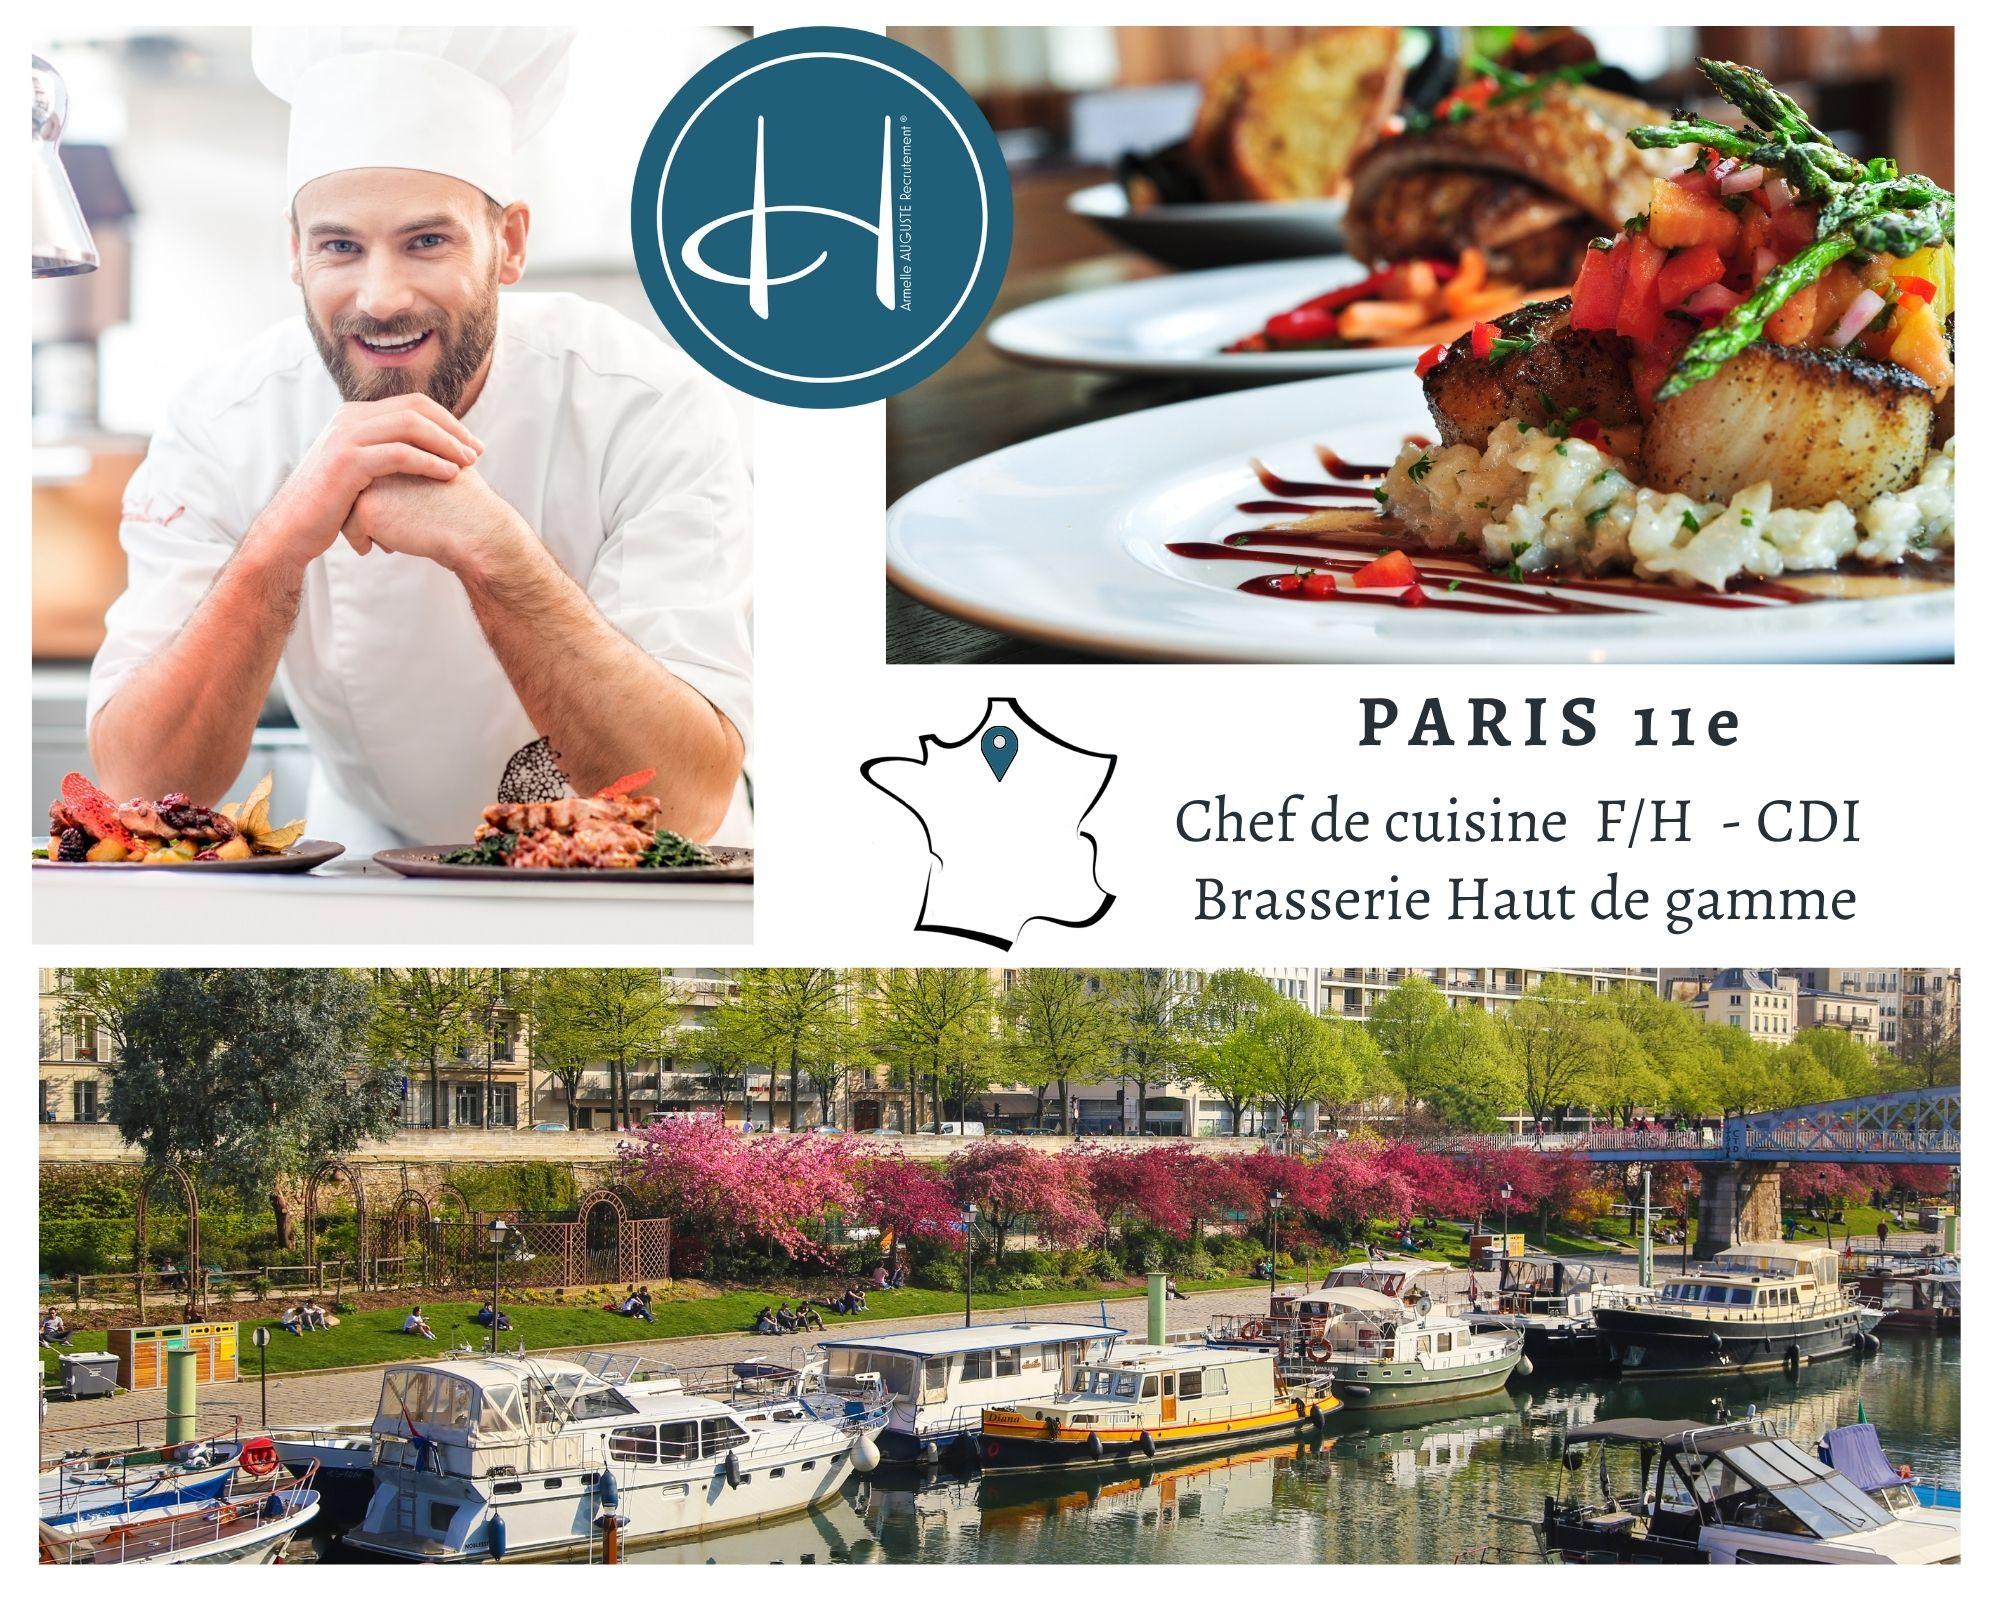 Recrutement: Chef de cuisine brasserie haut de gamme Paris 11ème F/H chez Armelle AUGUSTE Recrutement® à Paris